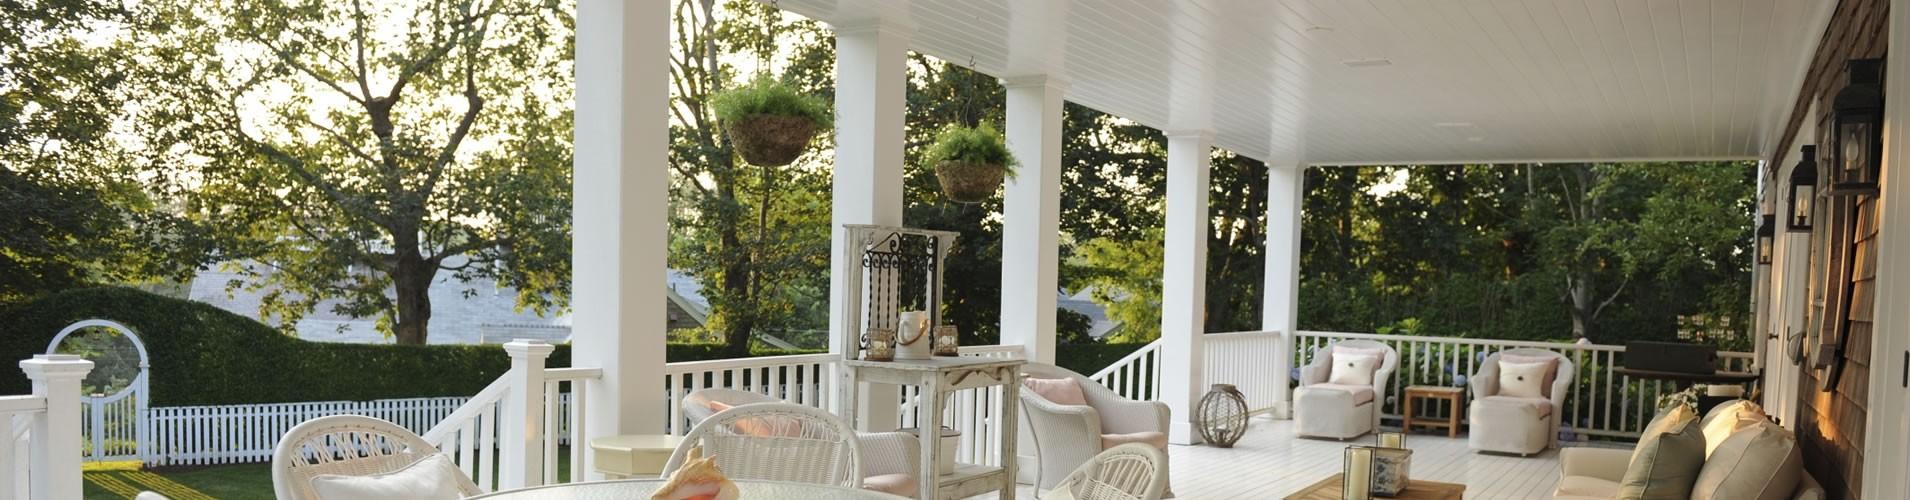 nashville patio covers pergolas